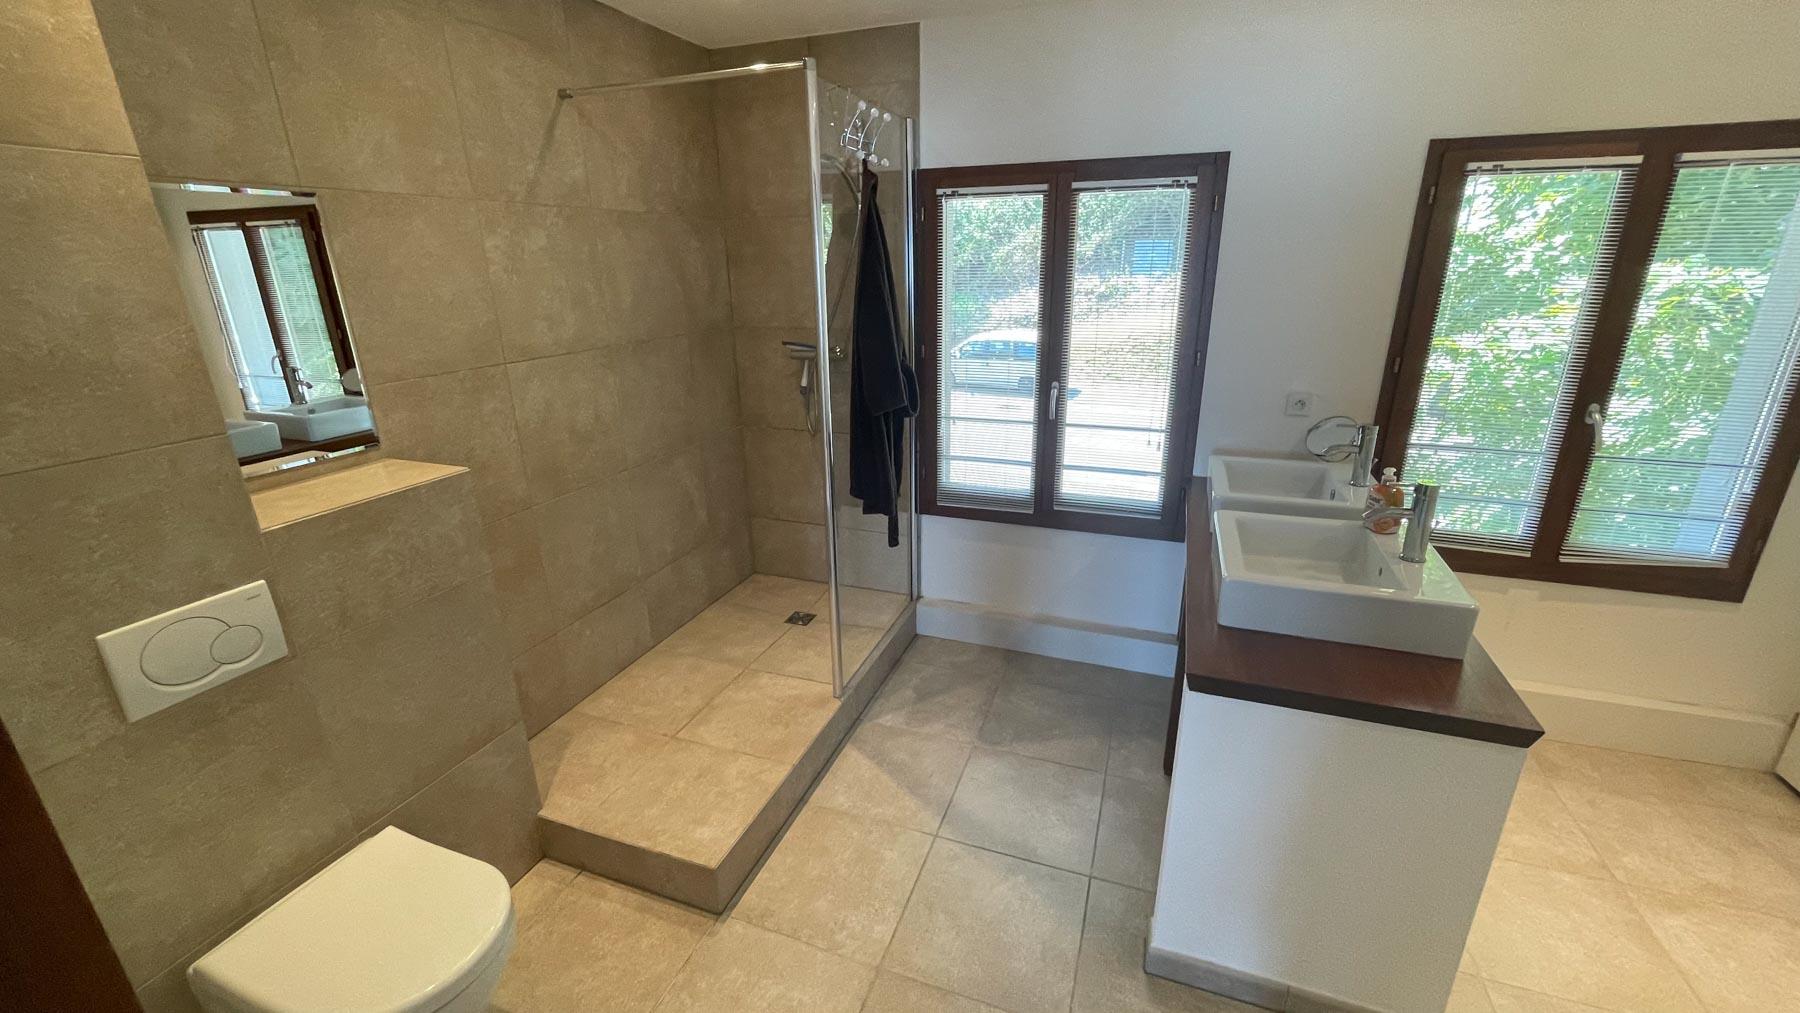 Pavillions 1 Master Shower Room